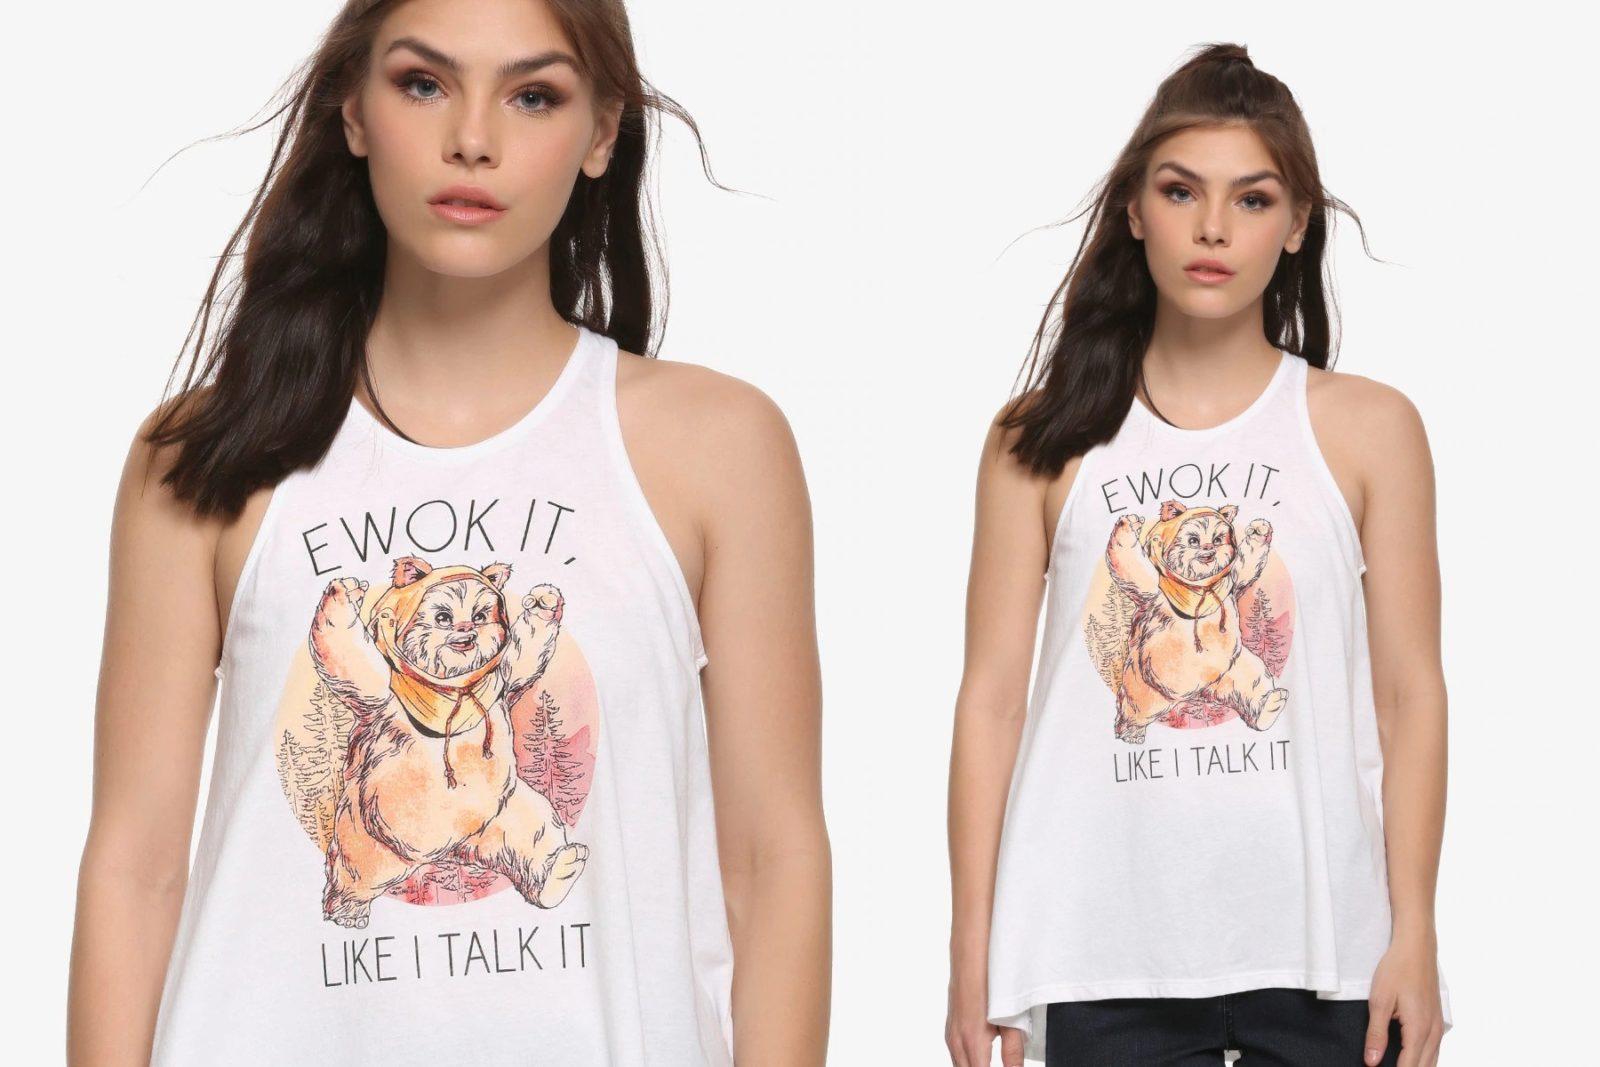 Women's Star Wars Ewok It Like I Talk It Tank Top at Box Lunch